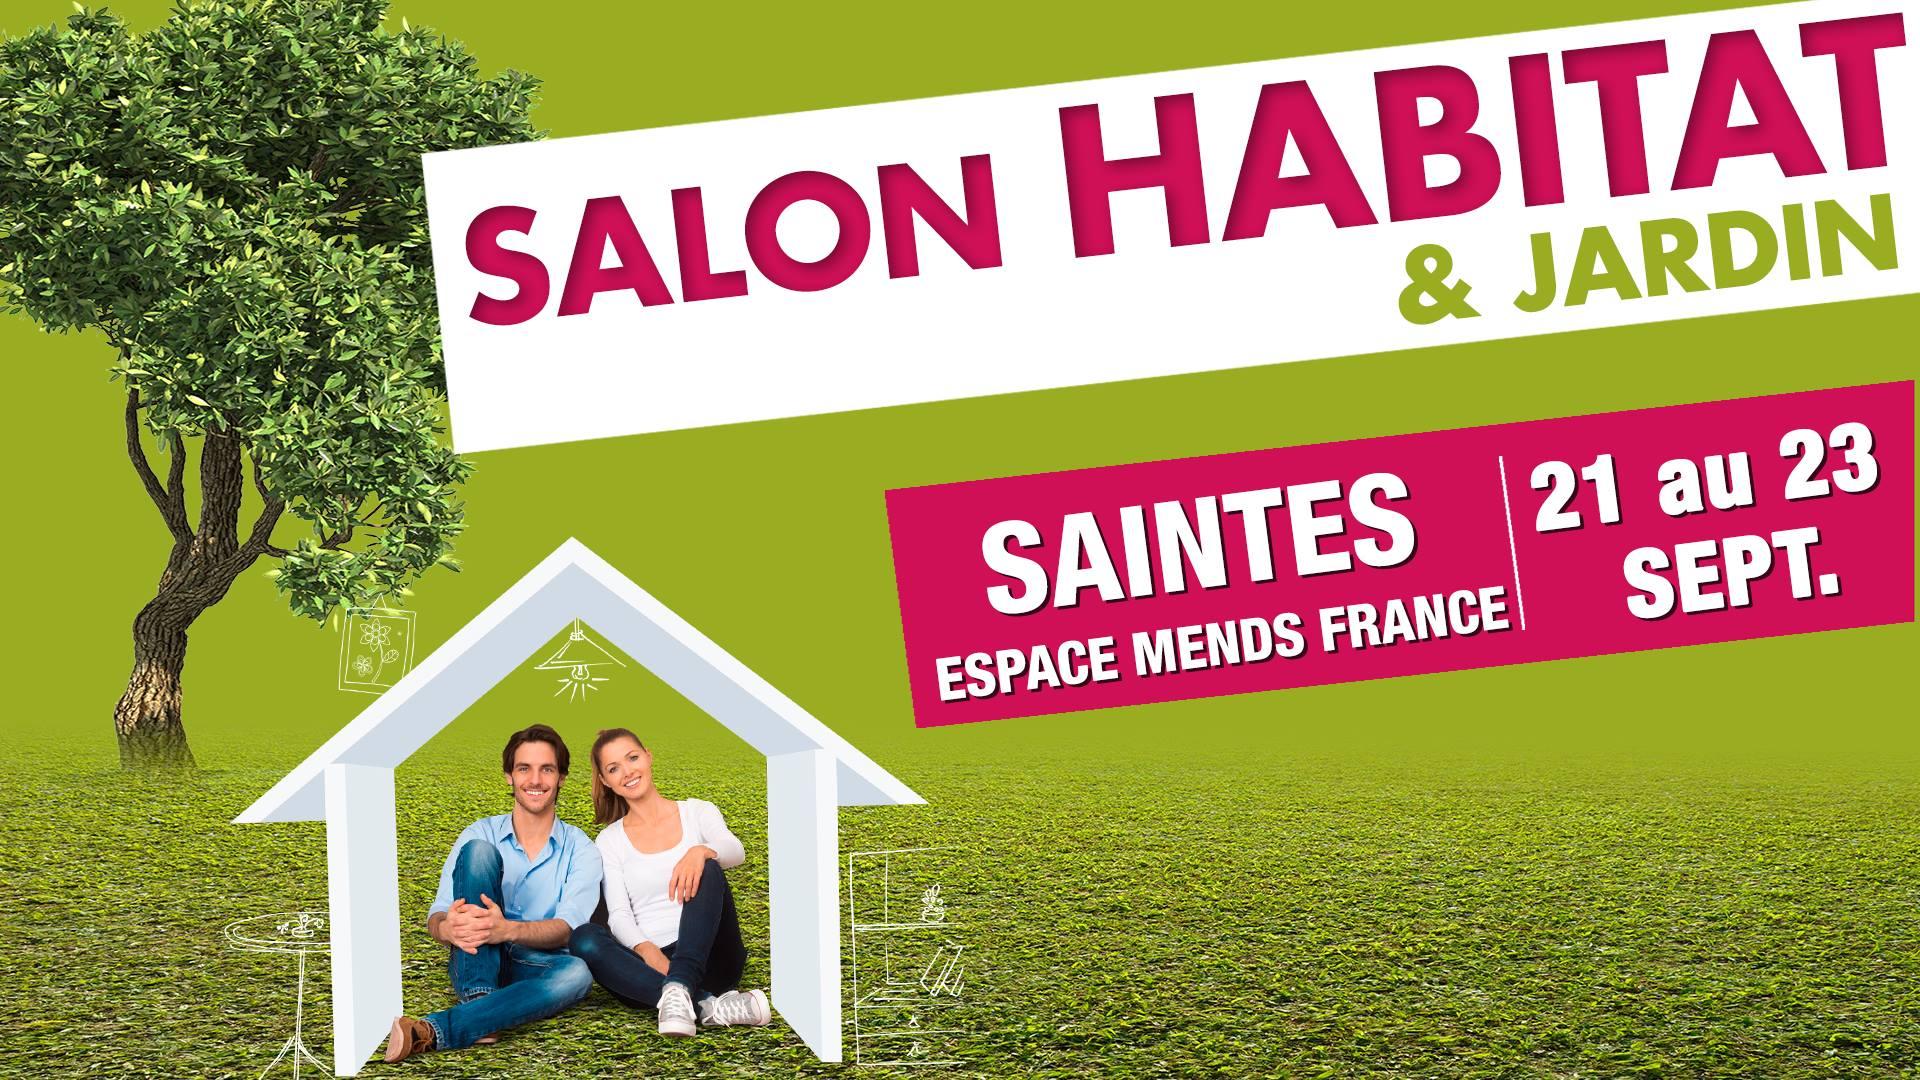 illiCO travaux Saintes vous donne rendez-vous au salon de l'Habitat à Saintes